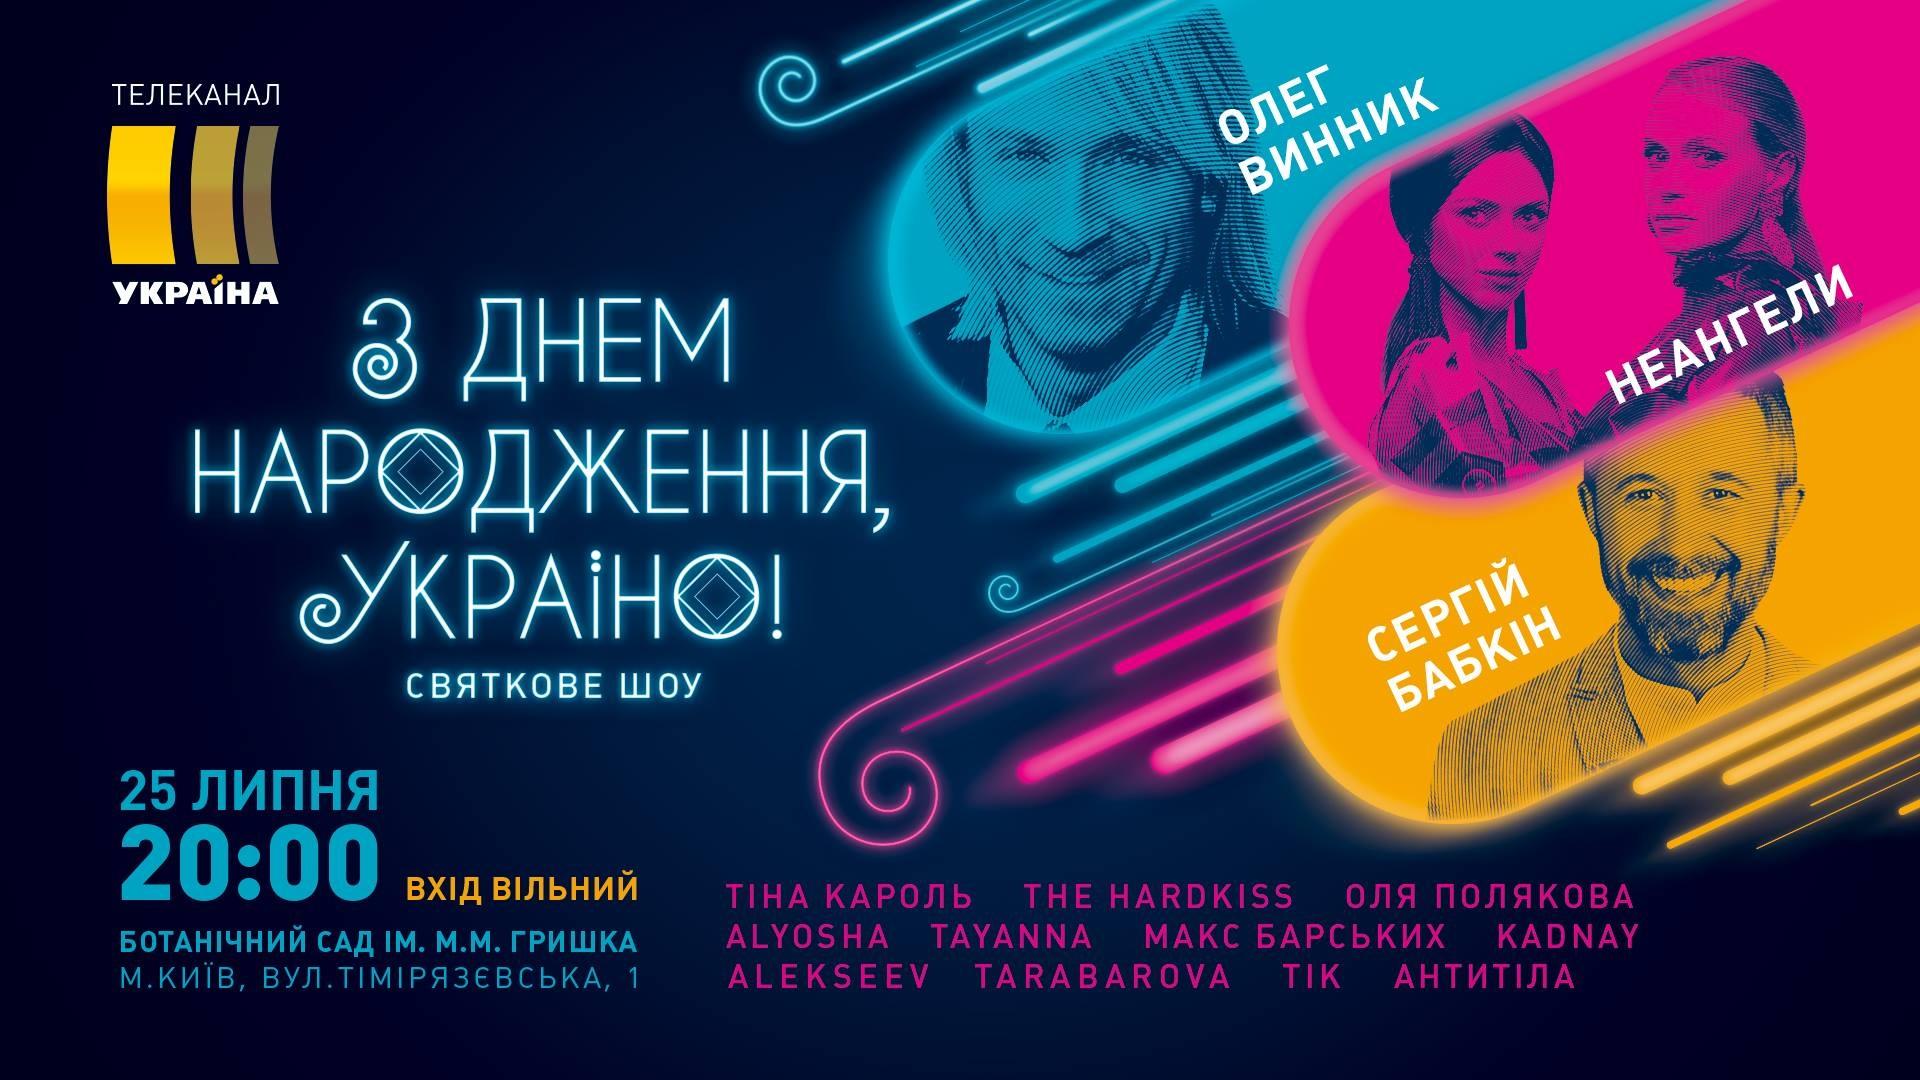 z_dnem_narodzhennia_ukraino_kanal_ukraina